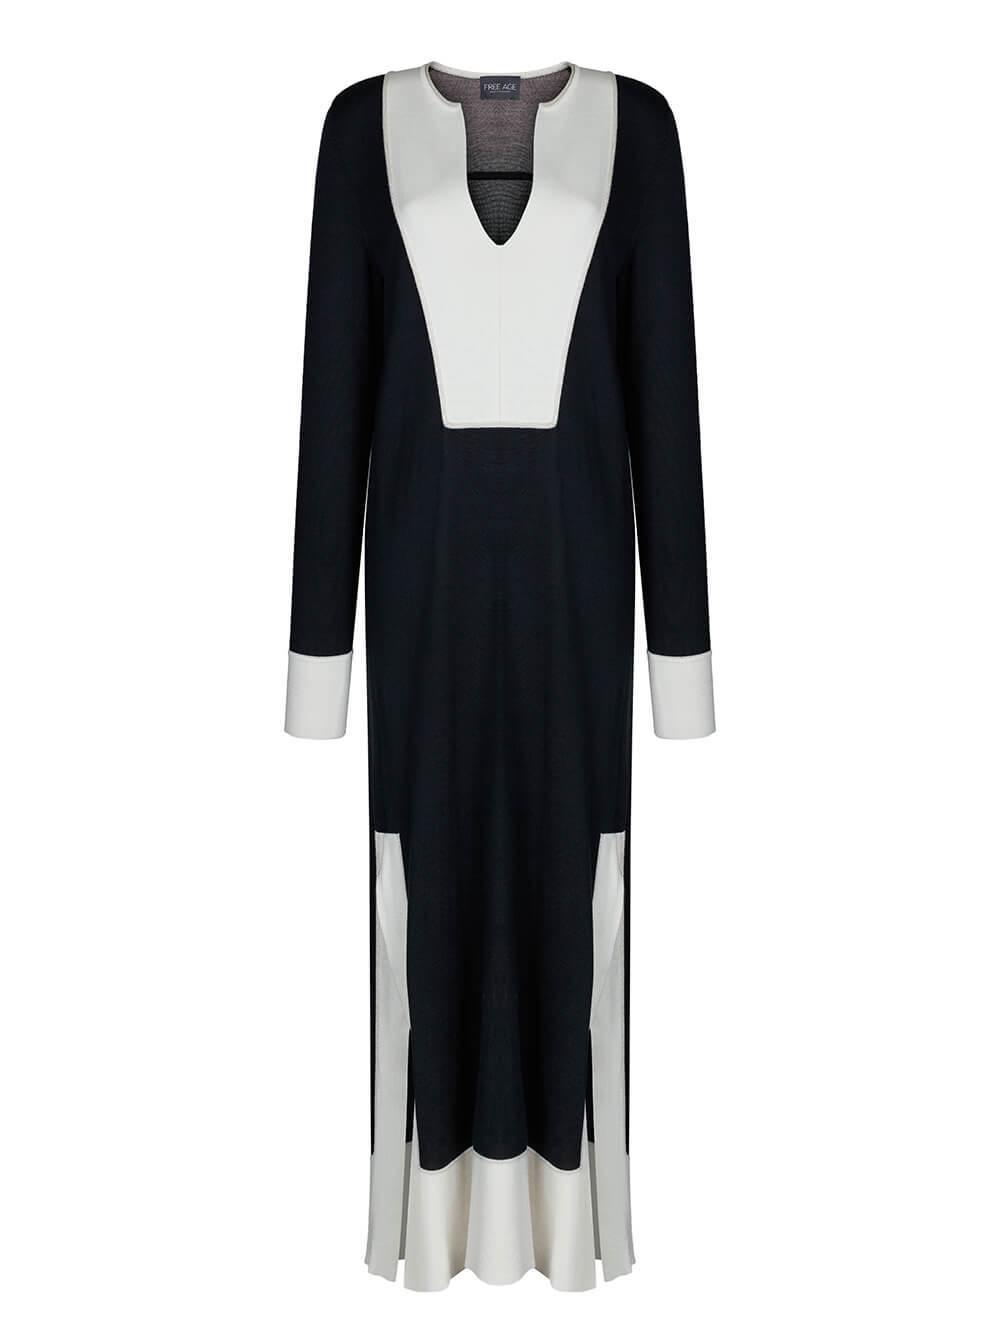 Женское платье черного цвета из шелка и кашемира - фото 1